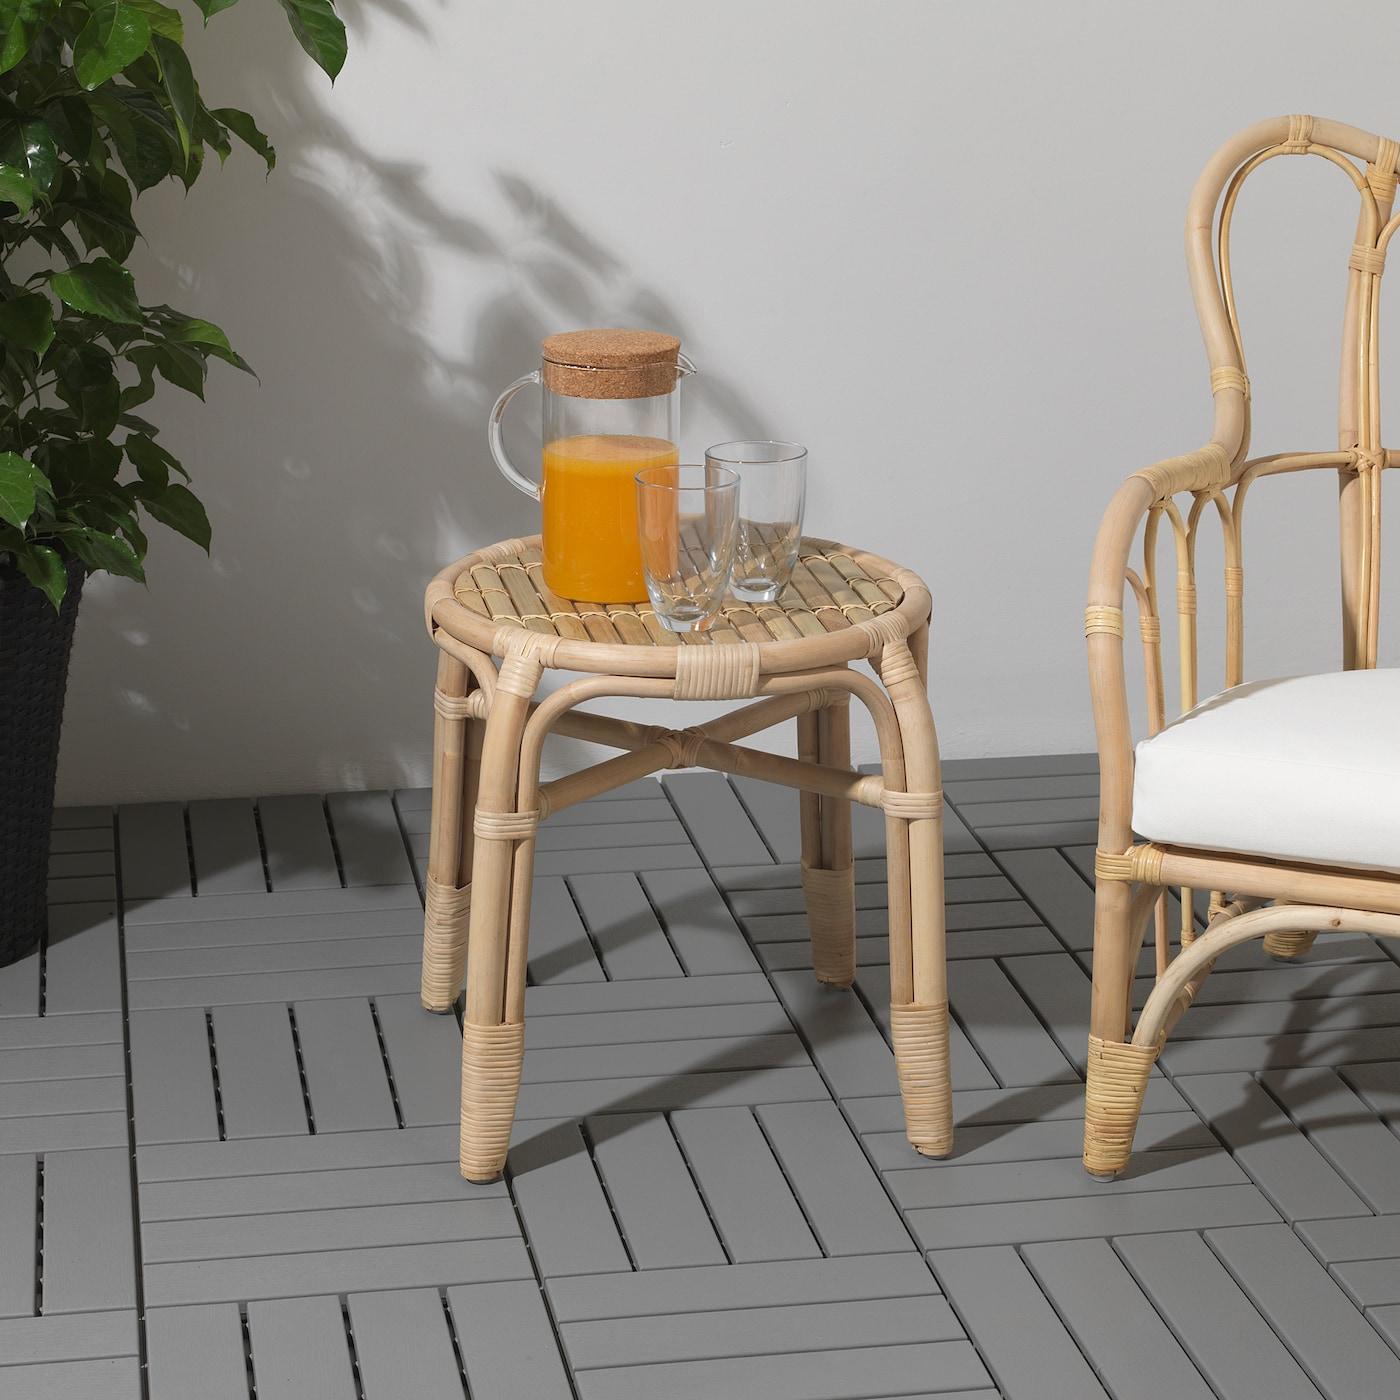 Full Size of Rattan Beistelltisch Ikea Mastholmen Deutschland Sofa Küche Kosten Garten Kaufen Rattanmöbel Polyrattan Betten Bei Modulküche Miniküche Bett 160x200 Mit Wohnzimmer Rattan Beistelltisch Ikea